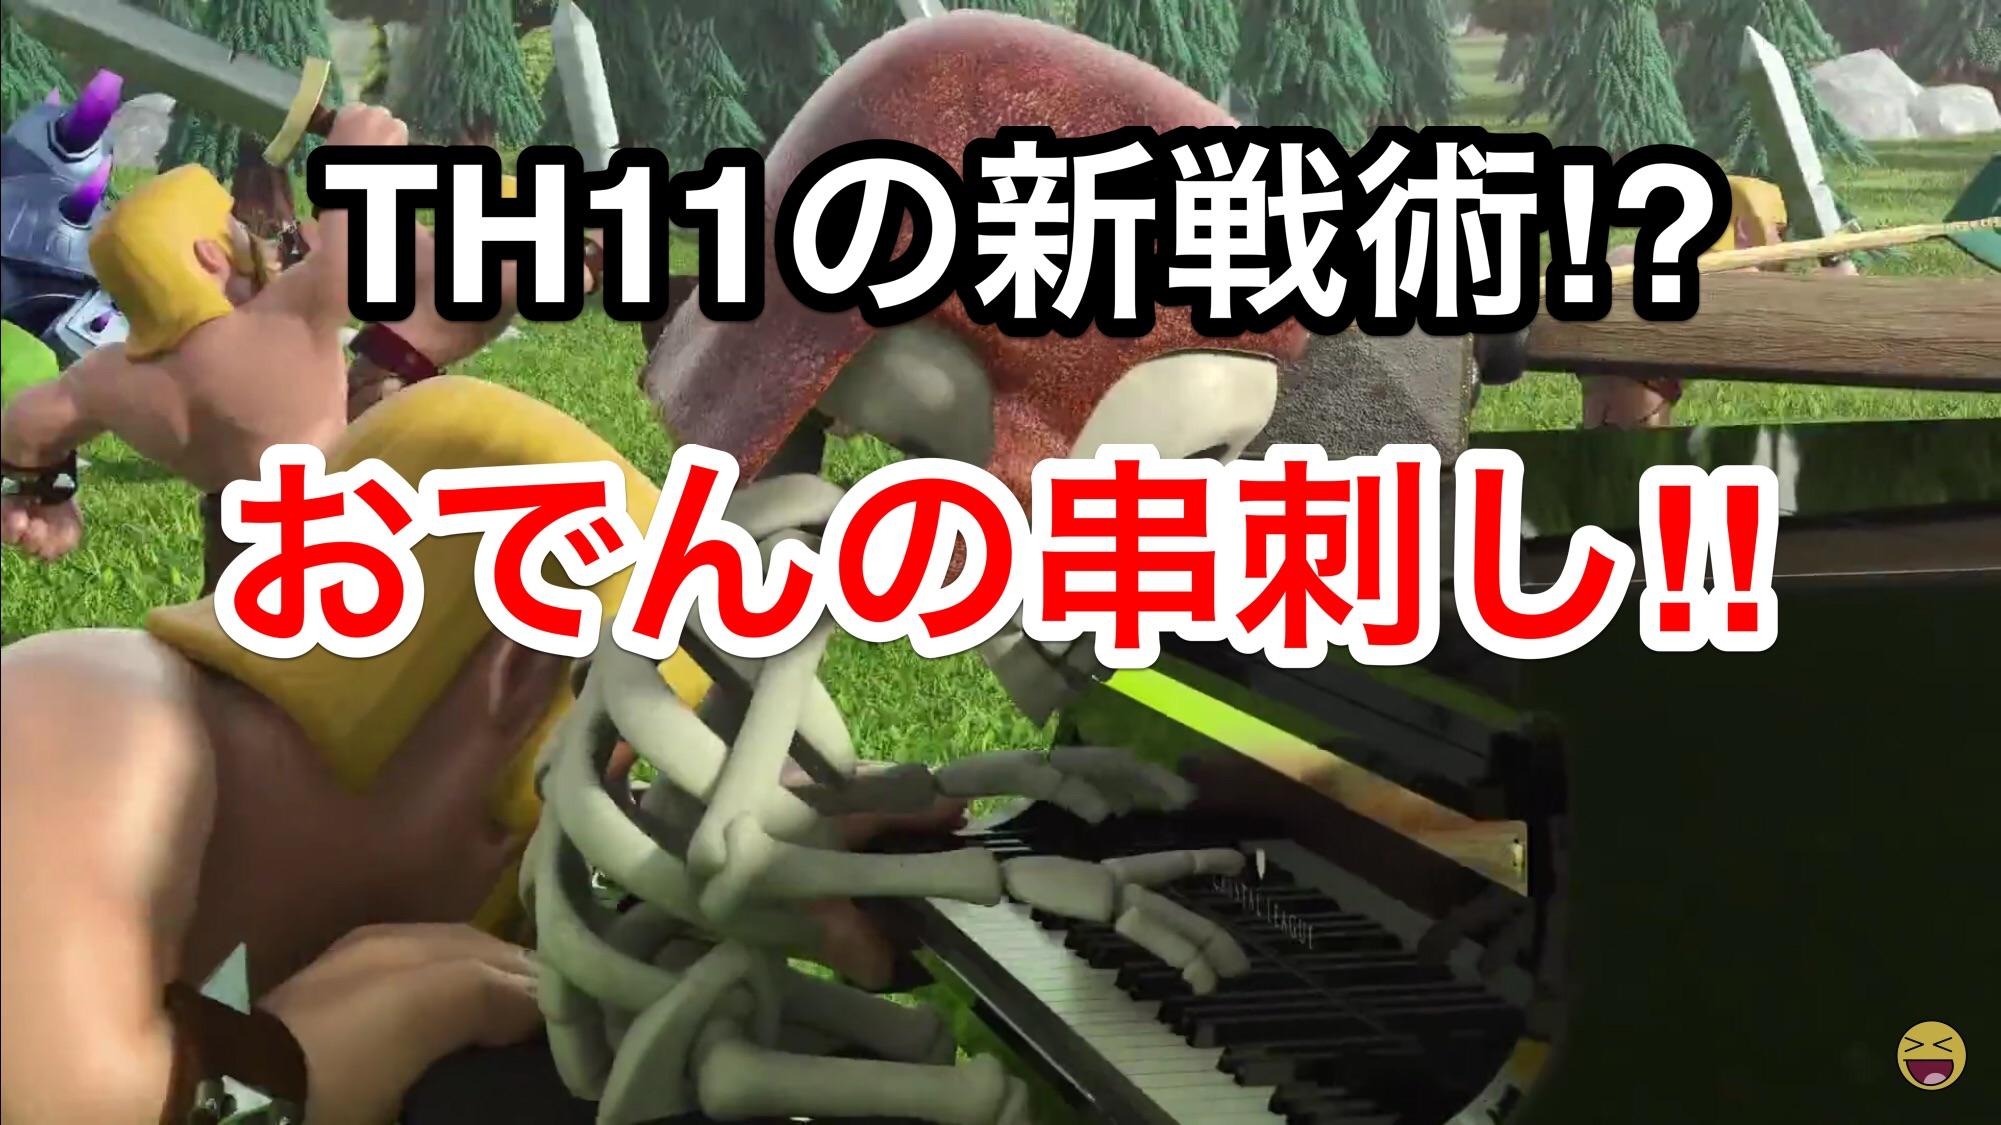 【クラクラ空攻め研究室】TH11の新戦術!?『おでんの串刺し』陸の削りは進化している!穴あけ壁あけ!